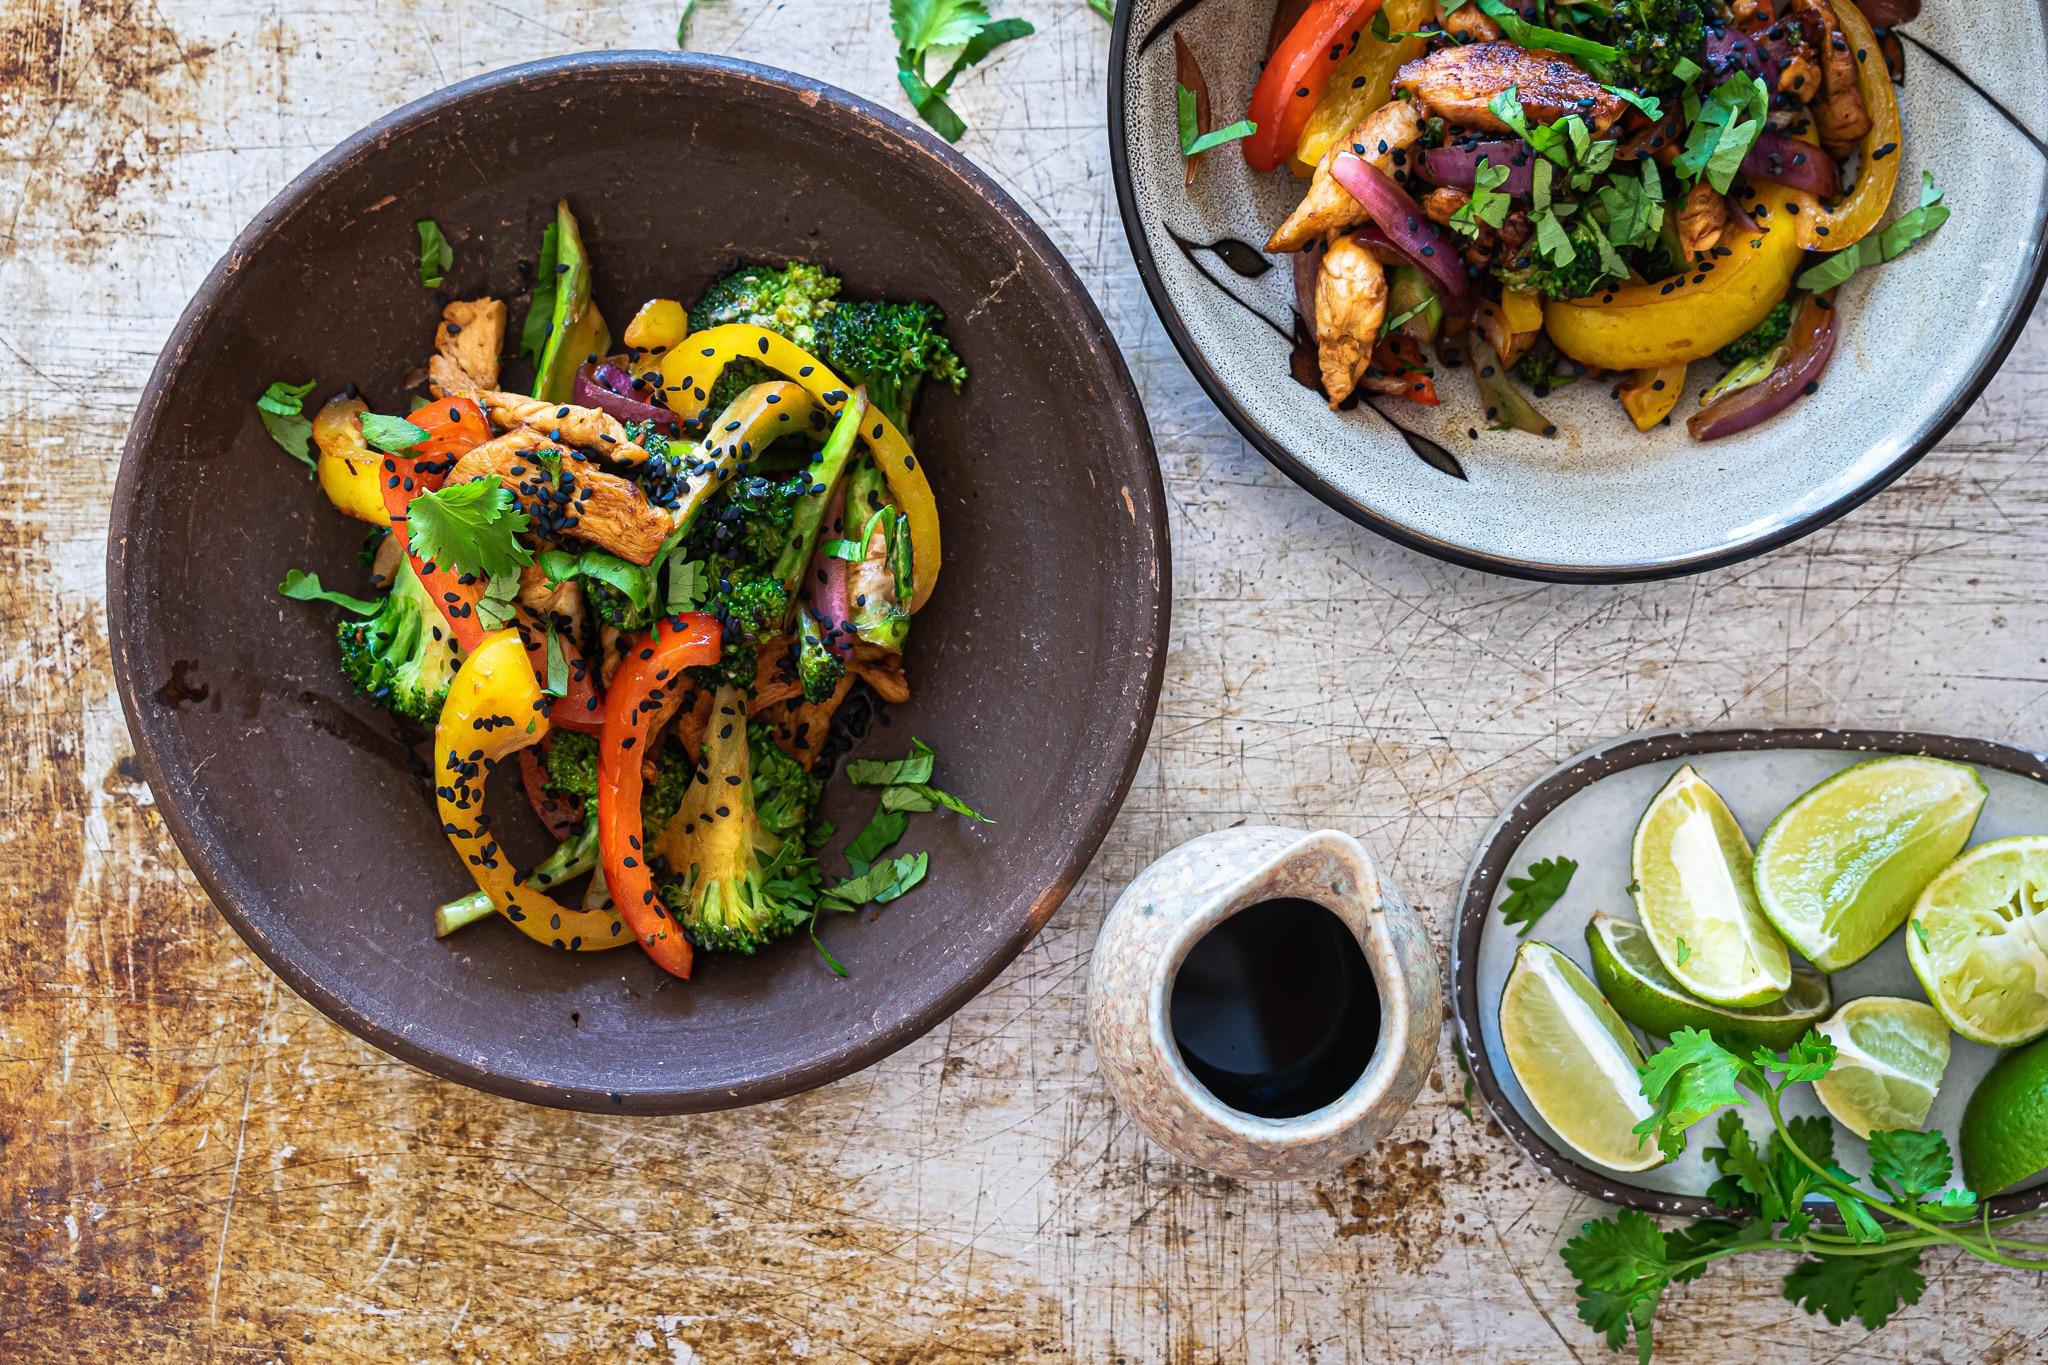 Asiatisk stirfry med broccoli, kylling, peberfrugt og tahin